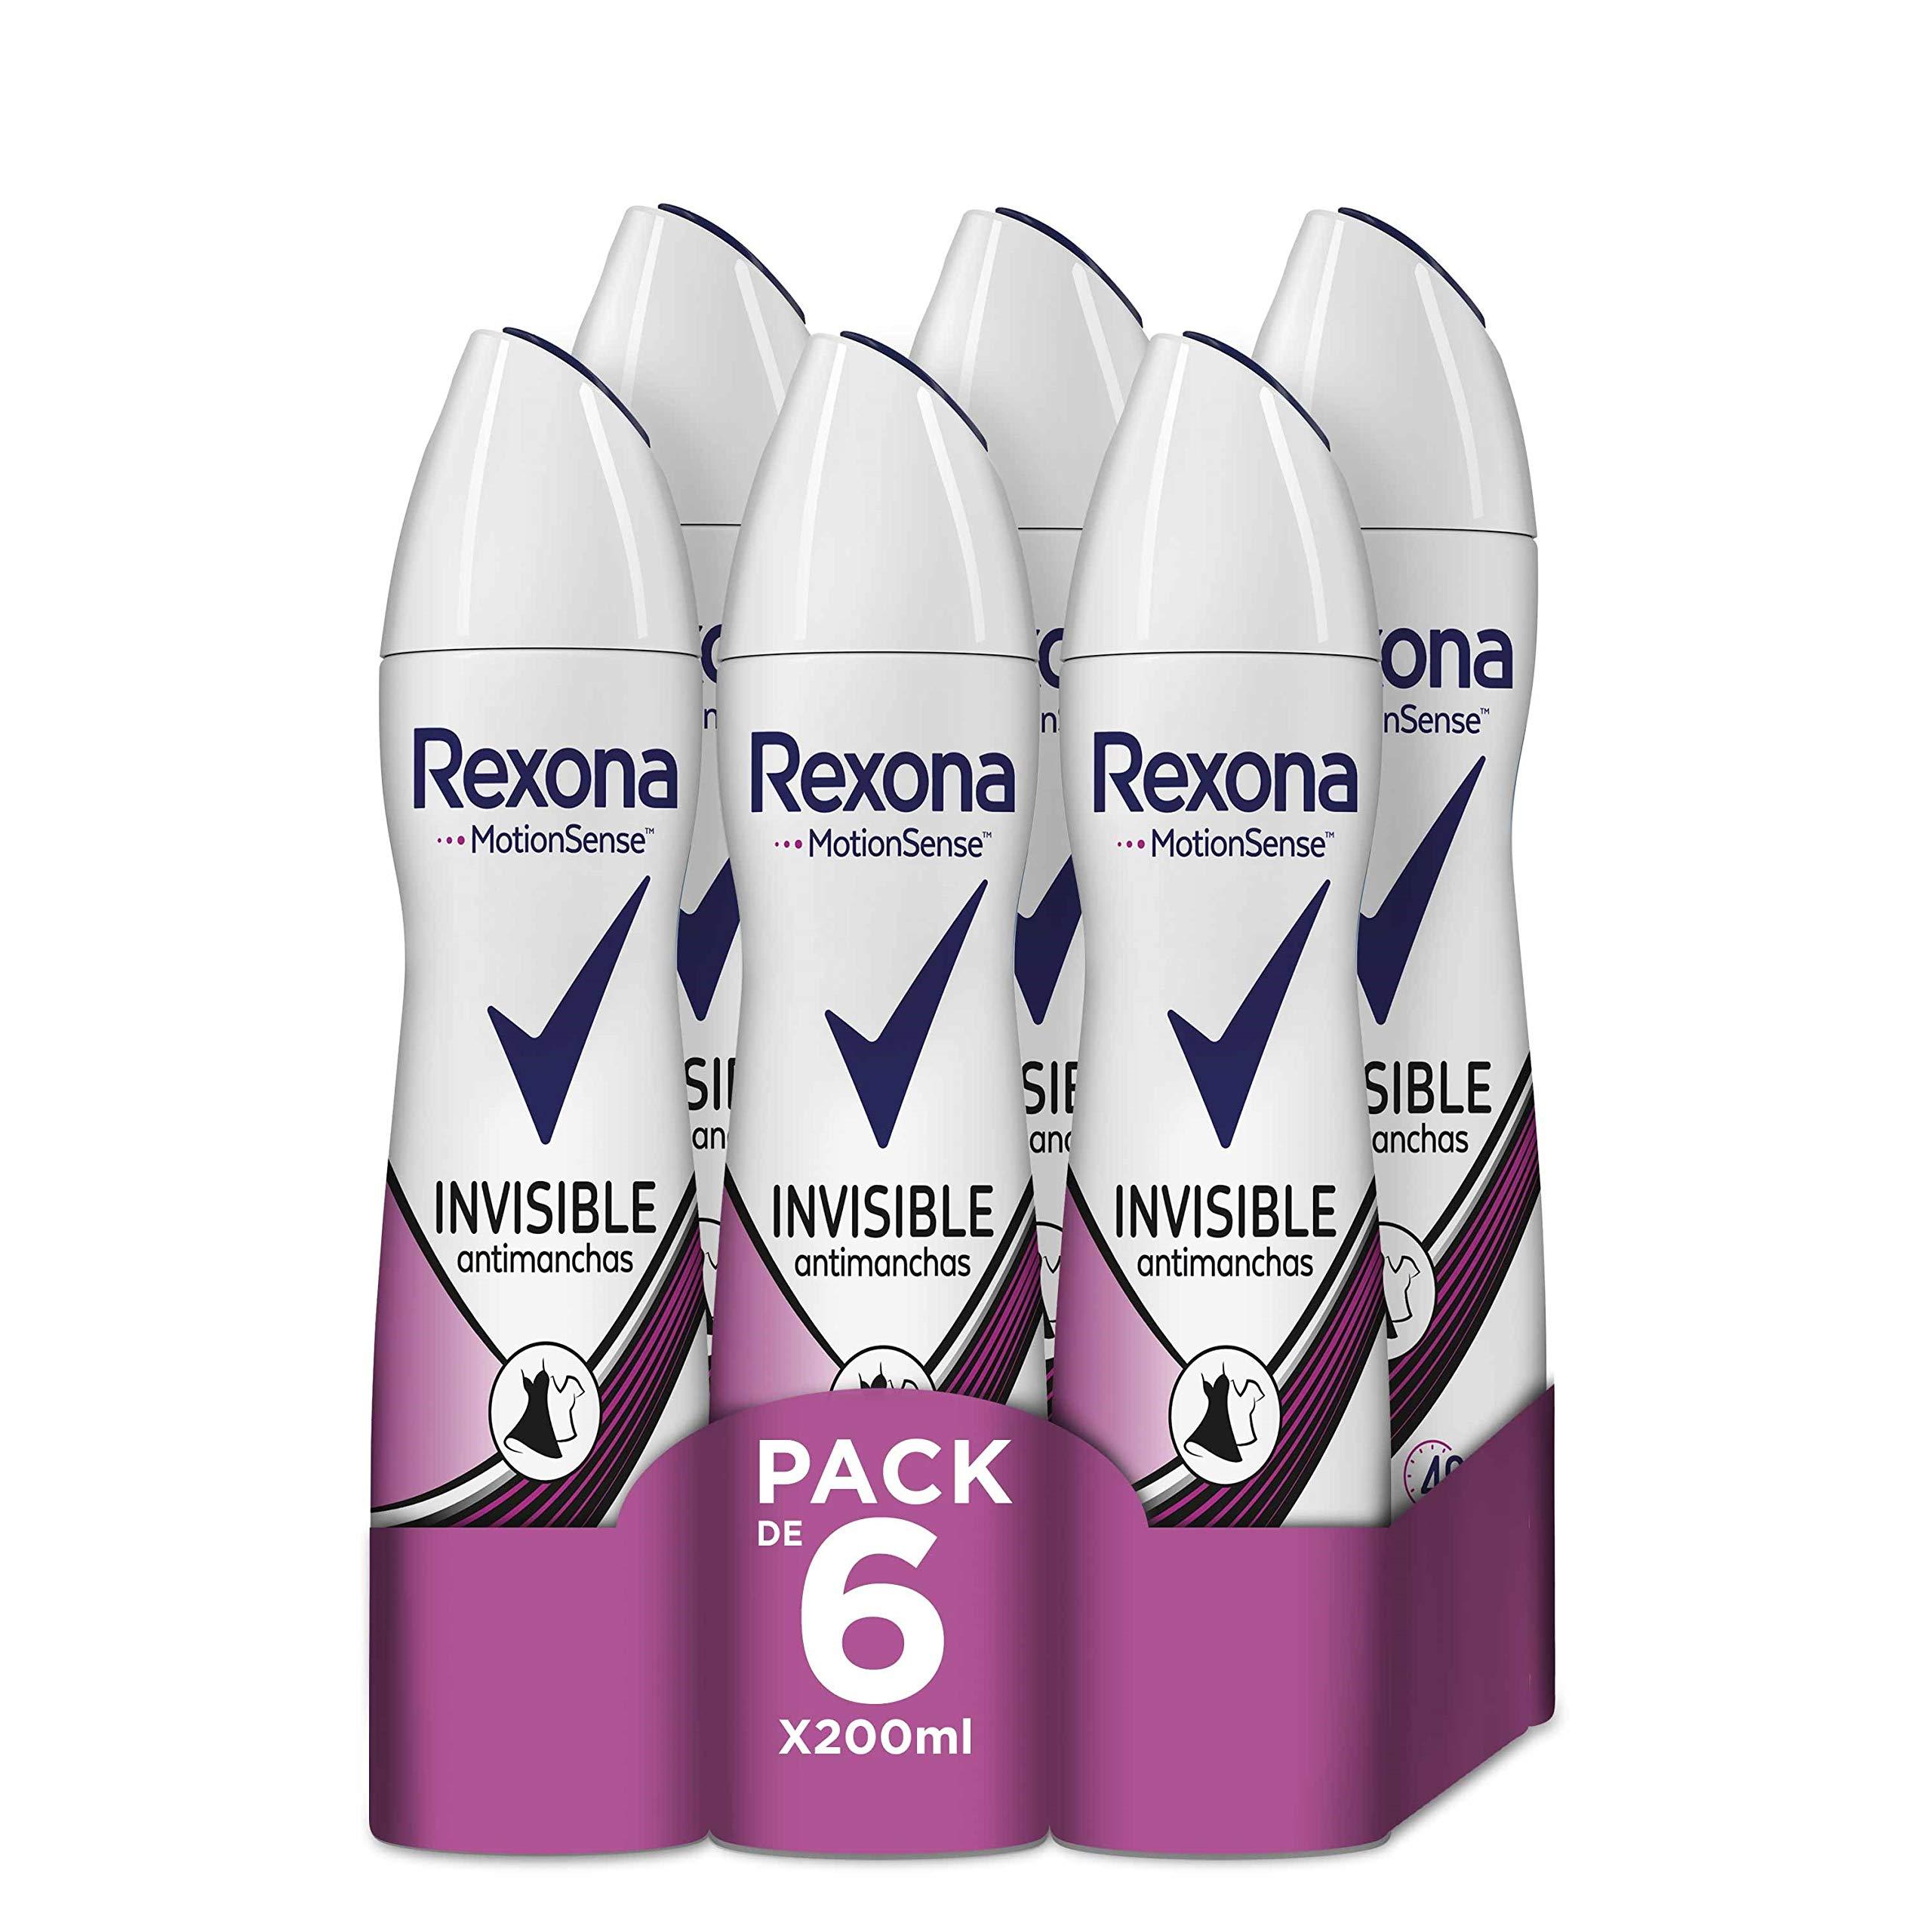 Rexona Desodorante Antitranspirante Invisible en ropa blanca y negra - Pack de 6 x 200 ml (Total: 1200 ml)